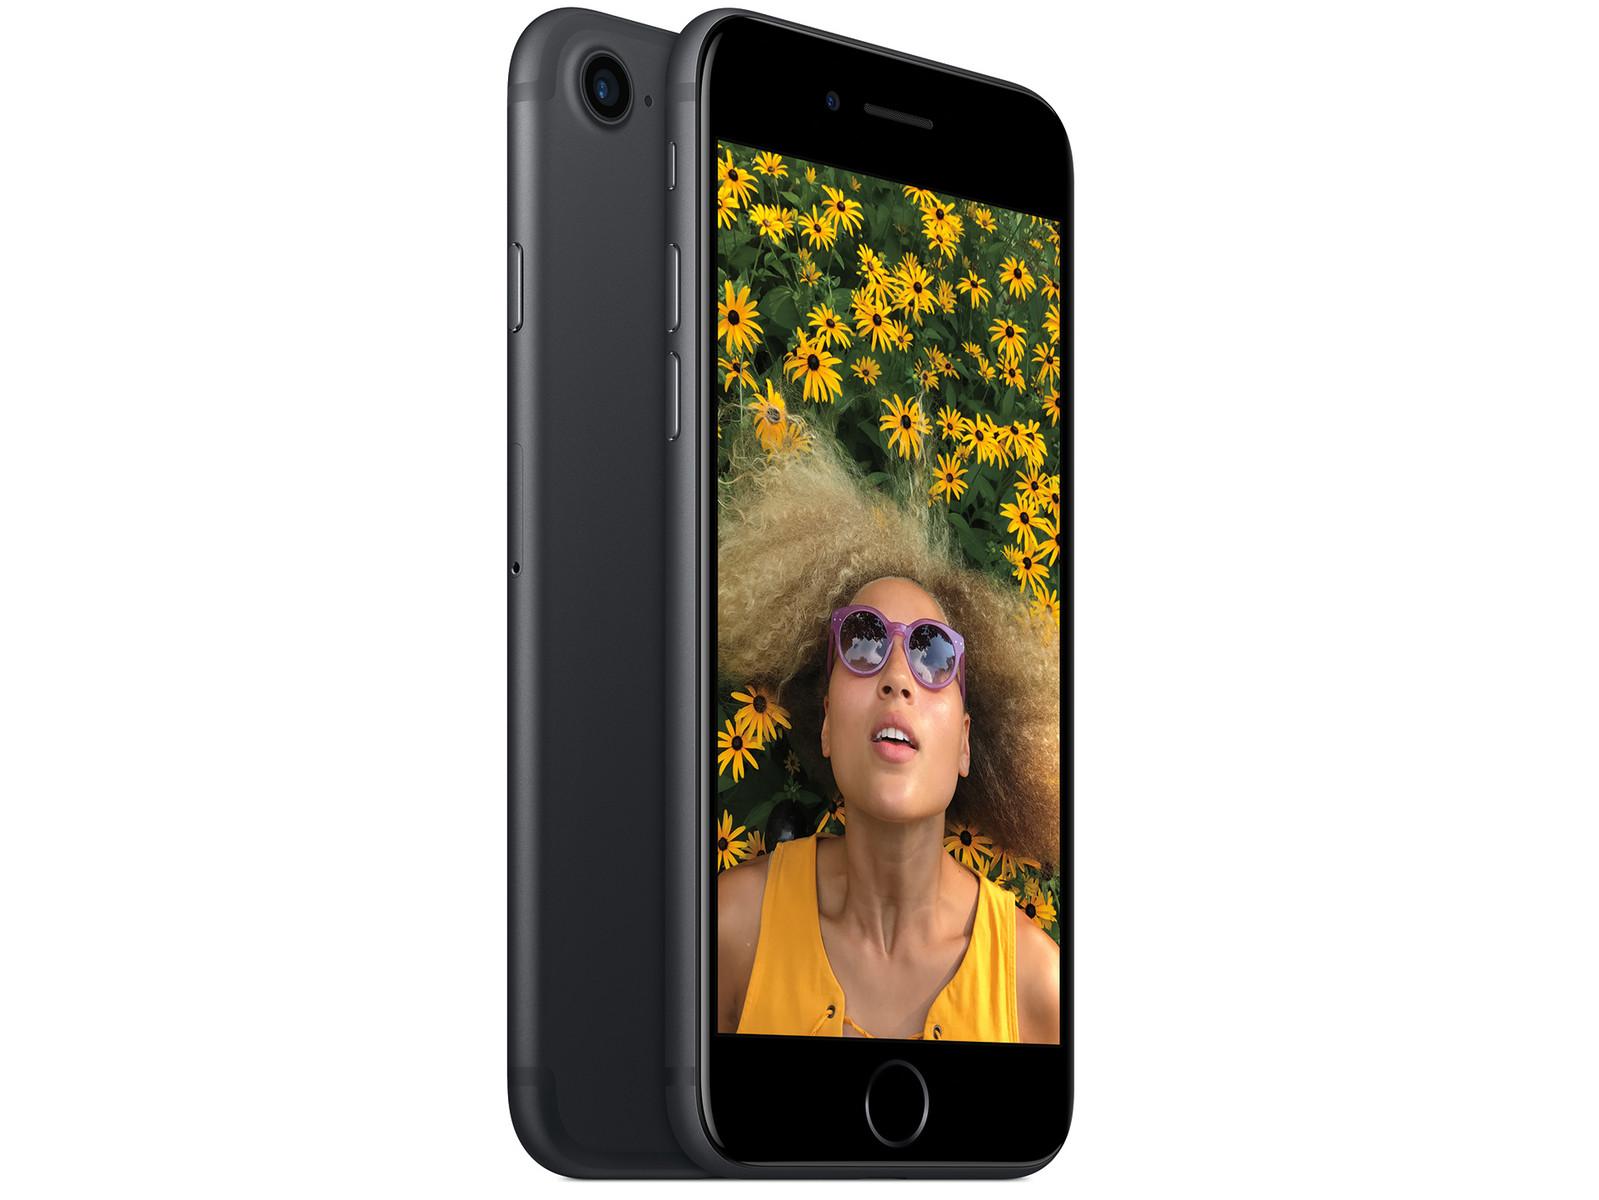 61038ebe04c7 Apple iPhone Series - Notebookcheck.net External Reviews